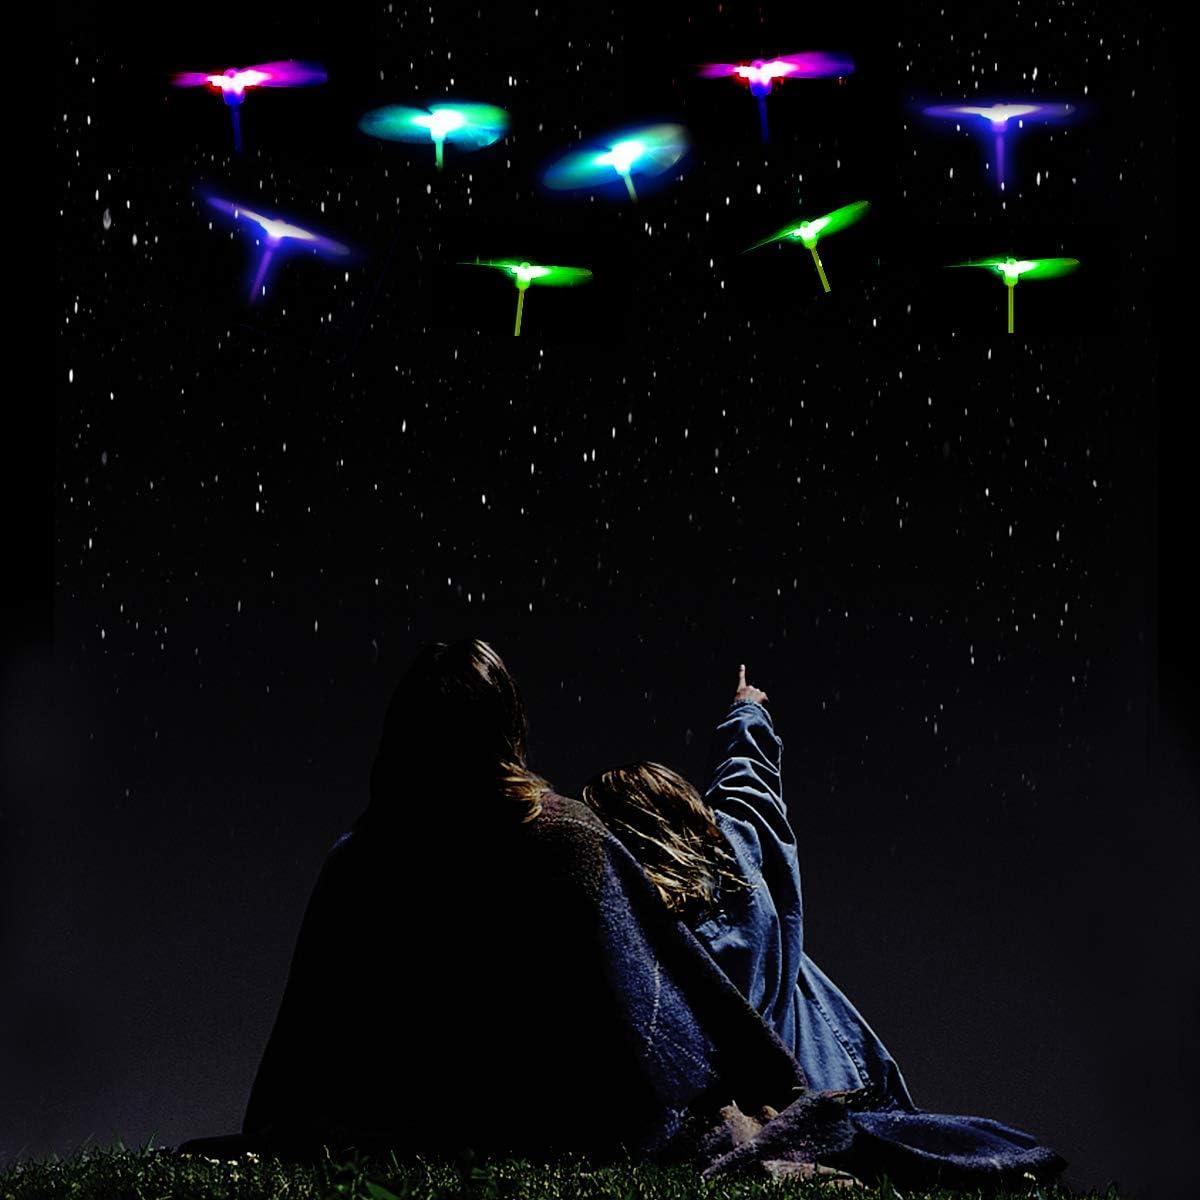 Favores de la Fiesta Herefun Helic/óptero Vuelo Juguete A 20 Piezas Volador Luminoso Arrow Rocket Copters con Luz LED Helic/óptero Noche Volando Juguete